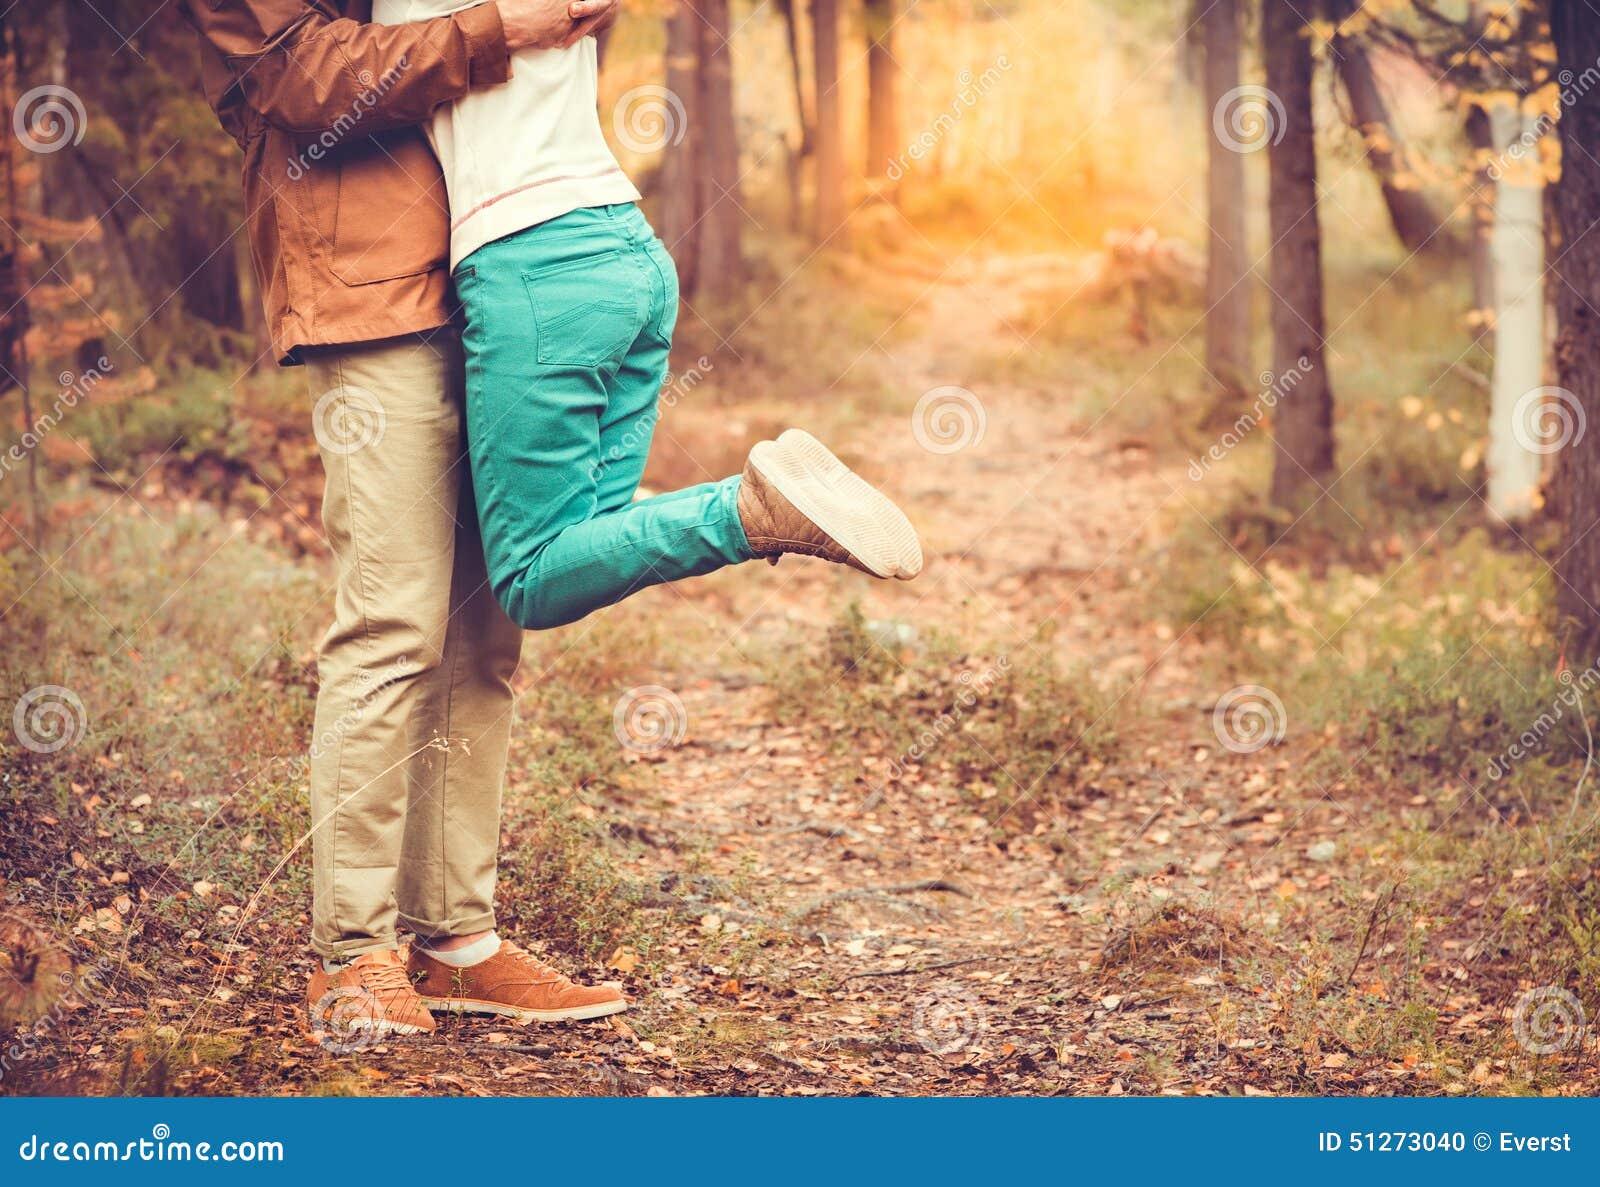 Junte el hombre y a la mujer que abrazan en la relación romántica del amor